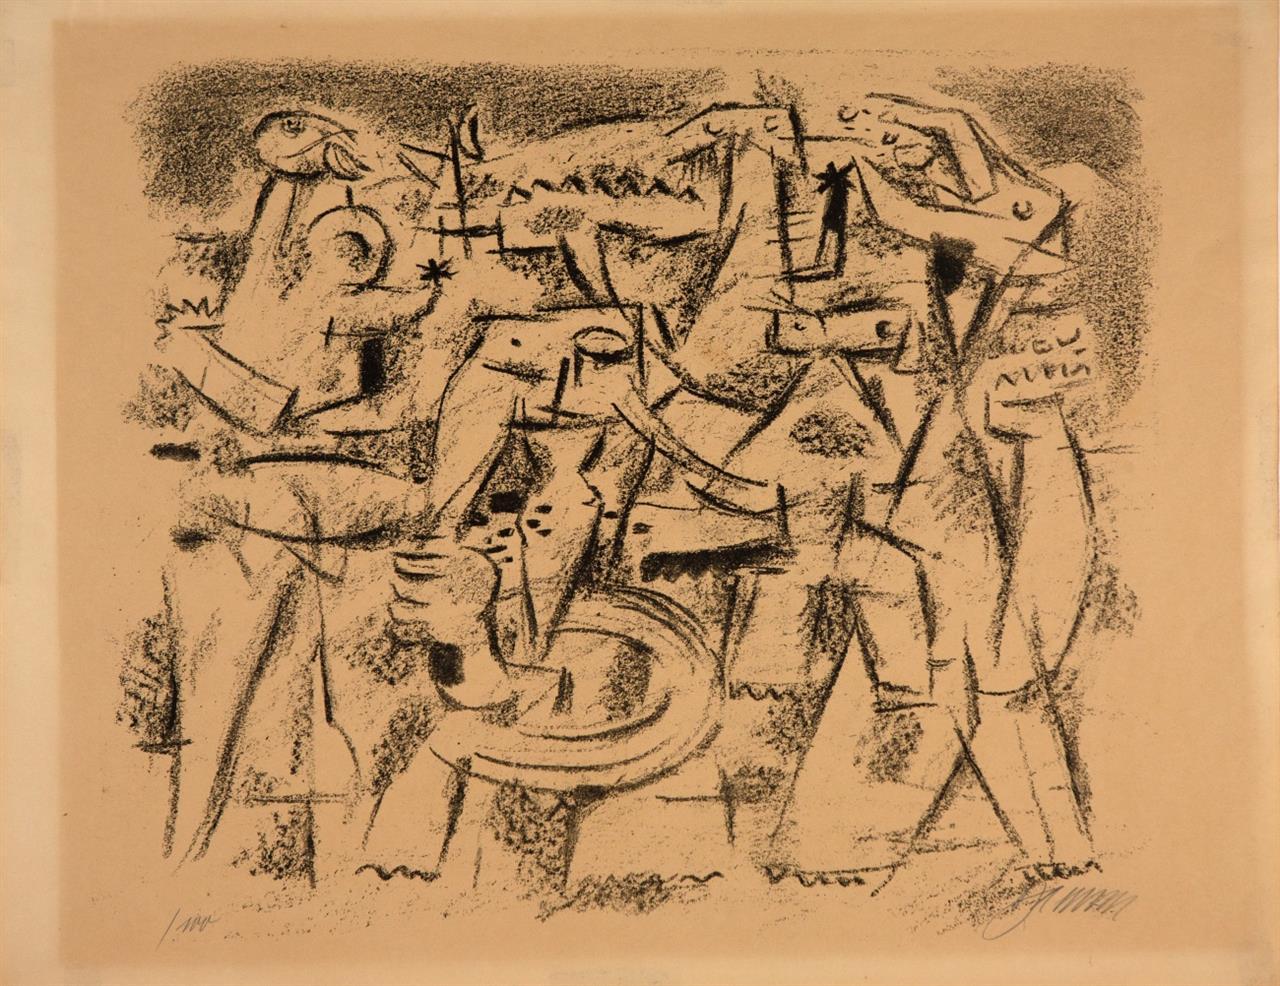 Willi Baumeister. Ur-Schanabi. 1947. Lithographie. Signiert. Eines von 100 Ex. Spielmann/Baumeister 101.